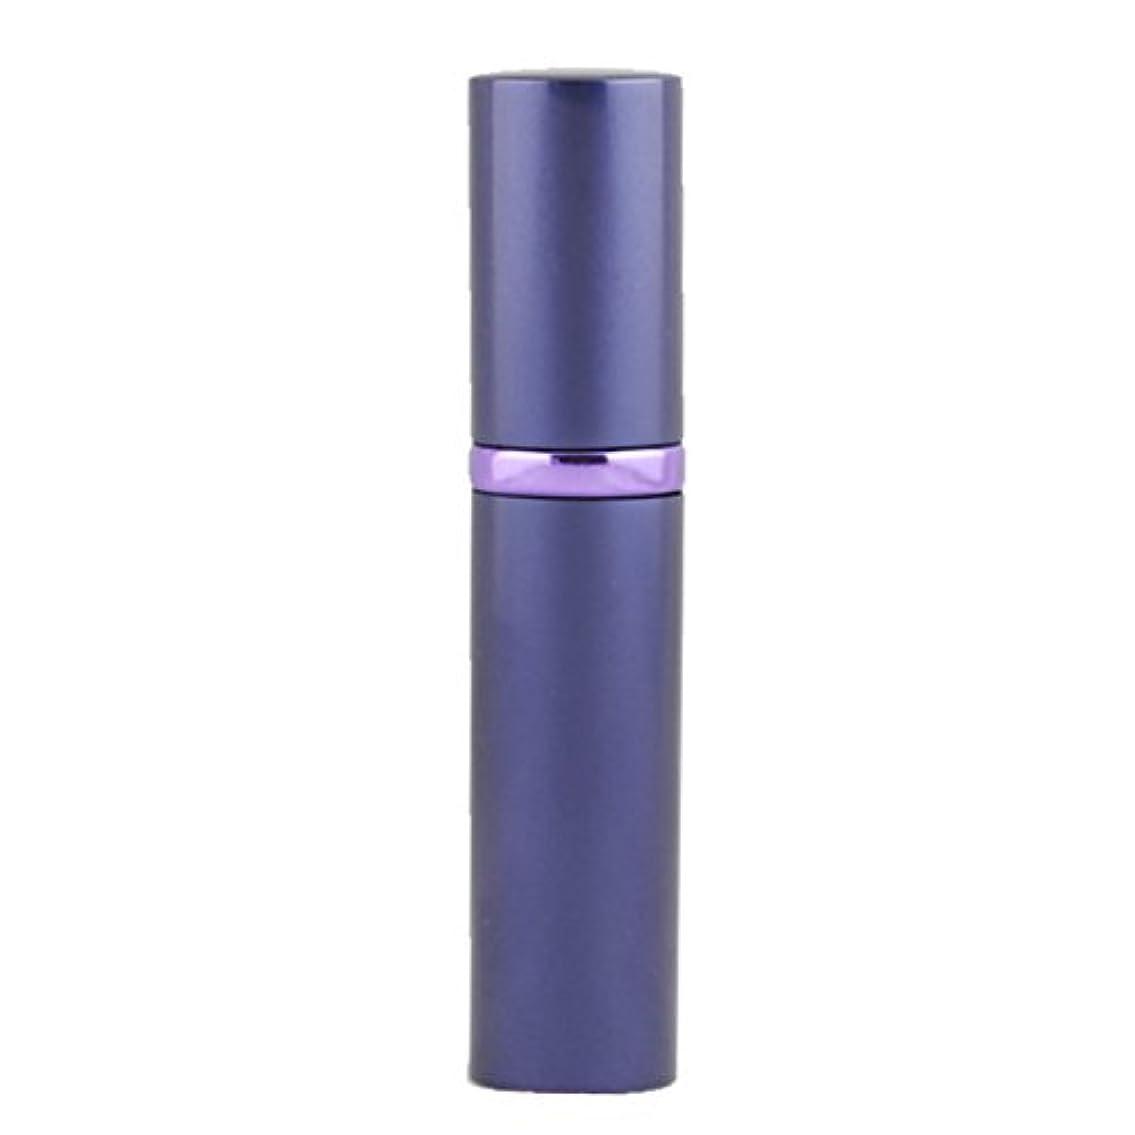 保証する虚弱締め切りアトマイザ- 詰め替え AsaNana ポータブル クイック 香水噴霧器 携帯用 詰め替え容器 香水用 ワンタッチ補充 香水スプレー パフューム Quick Atomizer プシュ式 (パープル Purple)